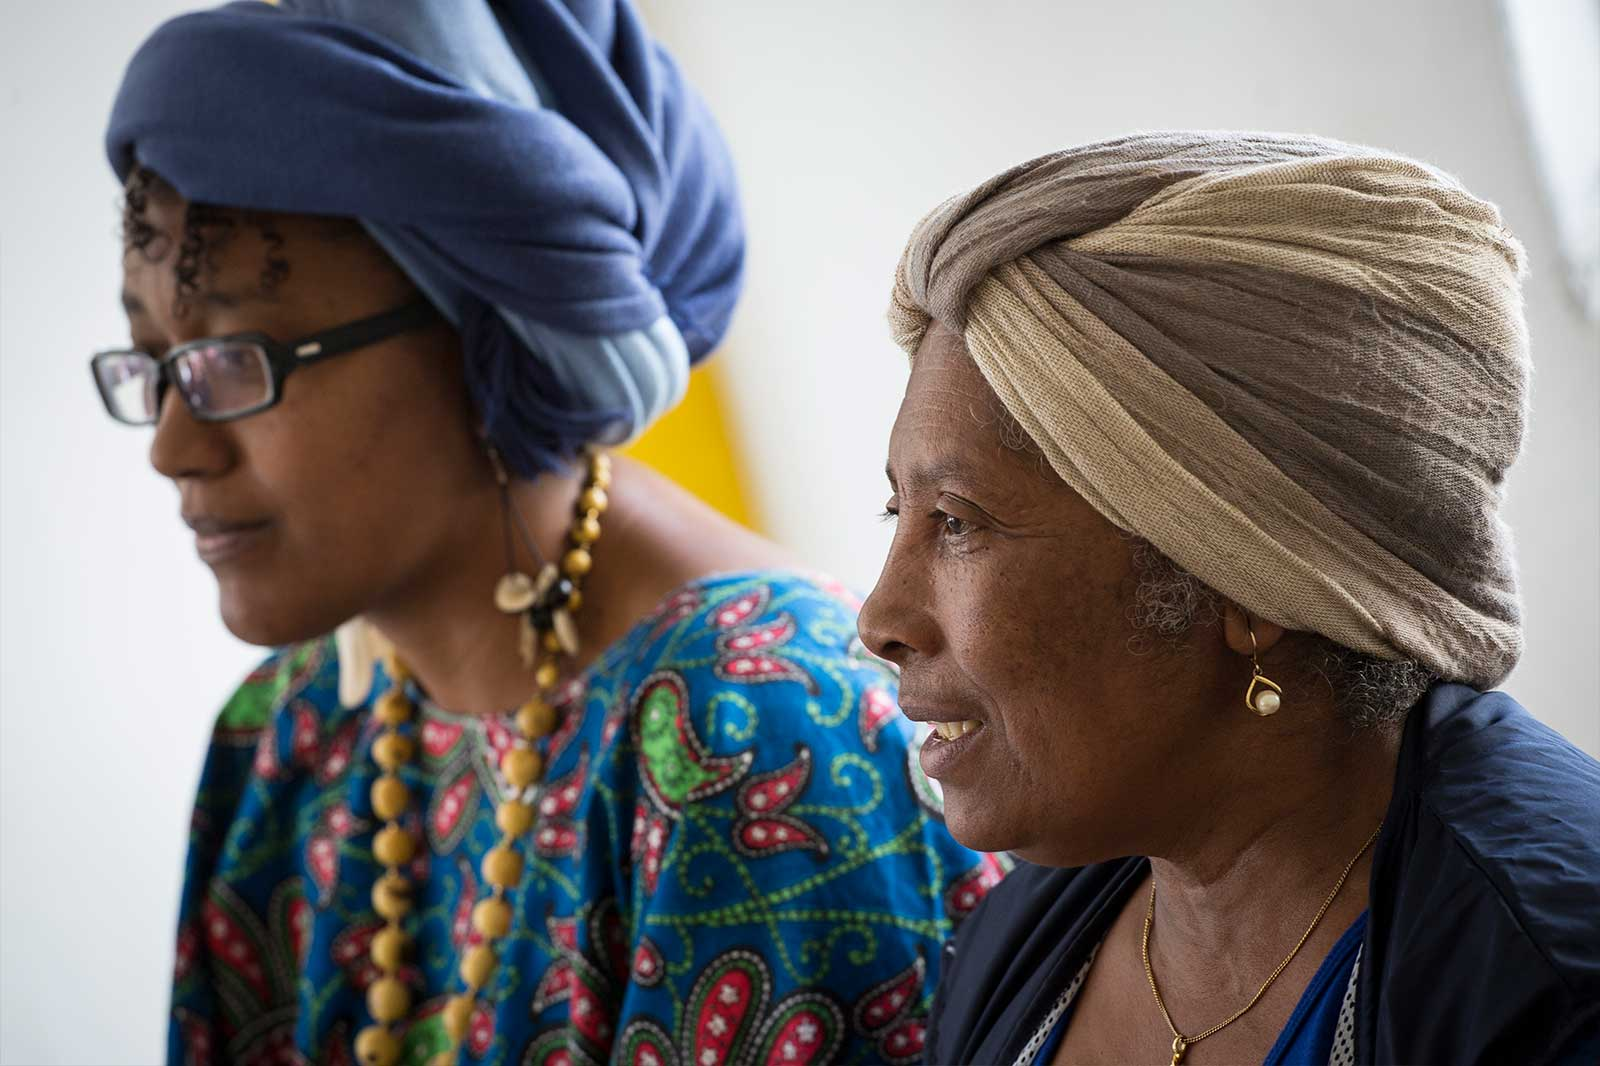 Creada en 1999, la Coordinadora Nacional de las Mujeres Negras - CONAMUNE es una red constituida por organizaciones de mujeres afroecuatorianas con el fin de luchar contra la violencia, la inequidad, la exclusión y la falta de oportunidades de la que son objeto las mujeres afroecuatorianas.